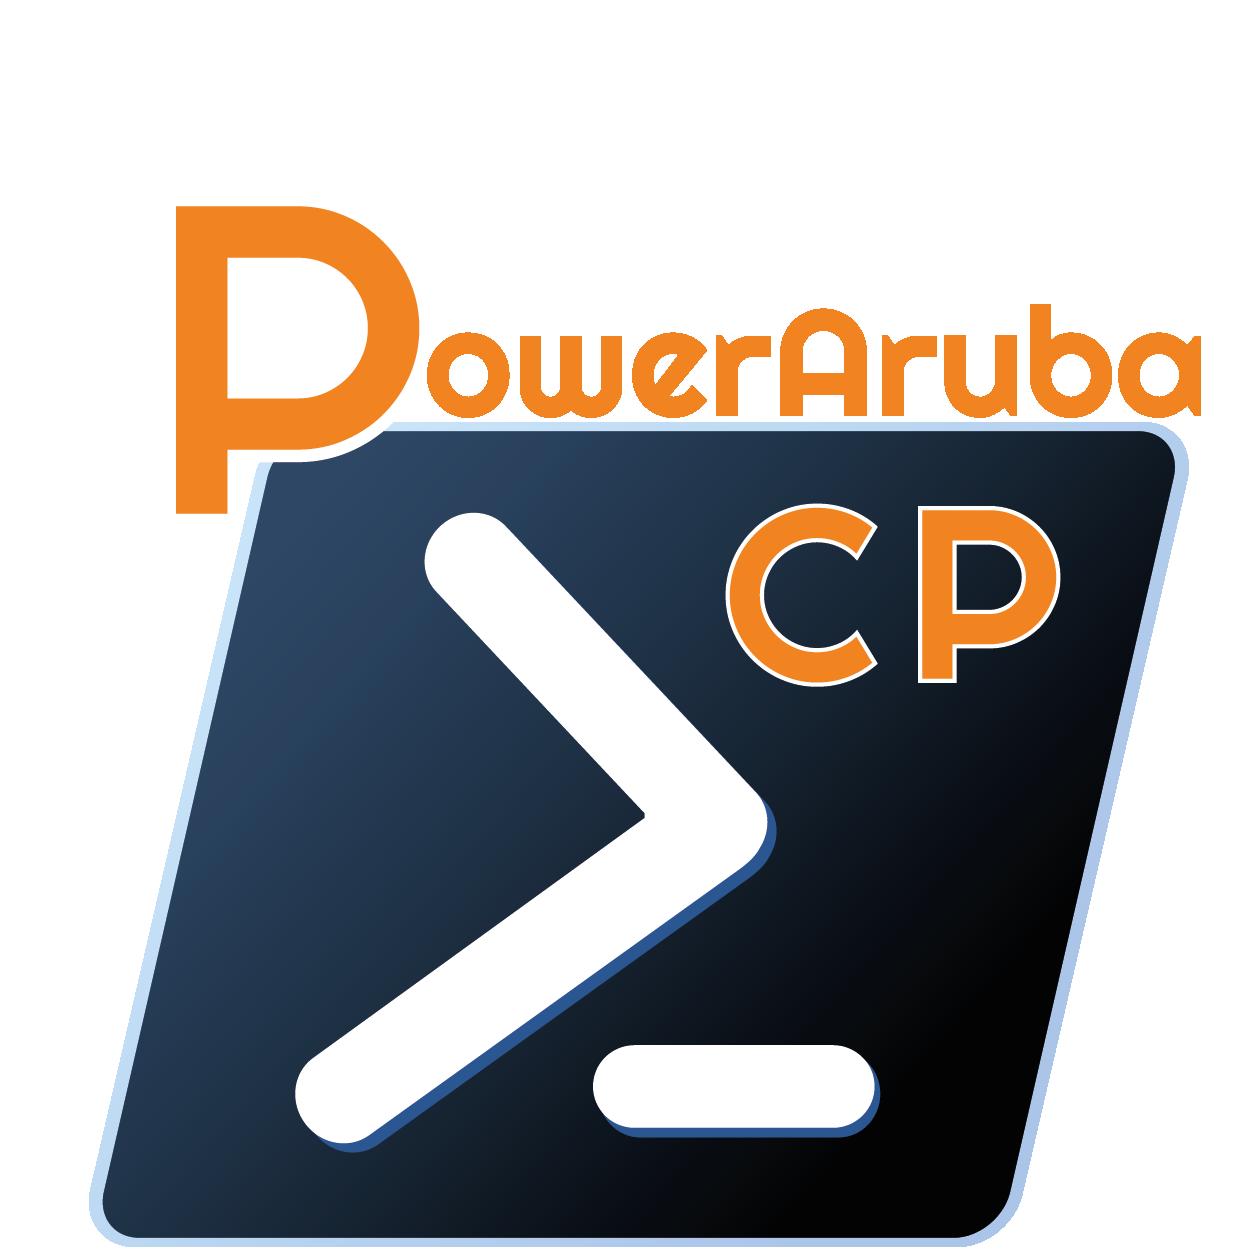 PowerArubaCP icon